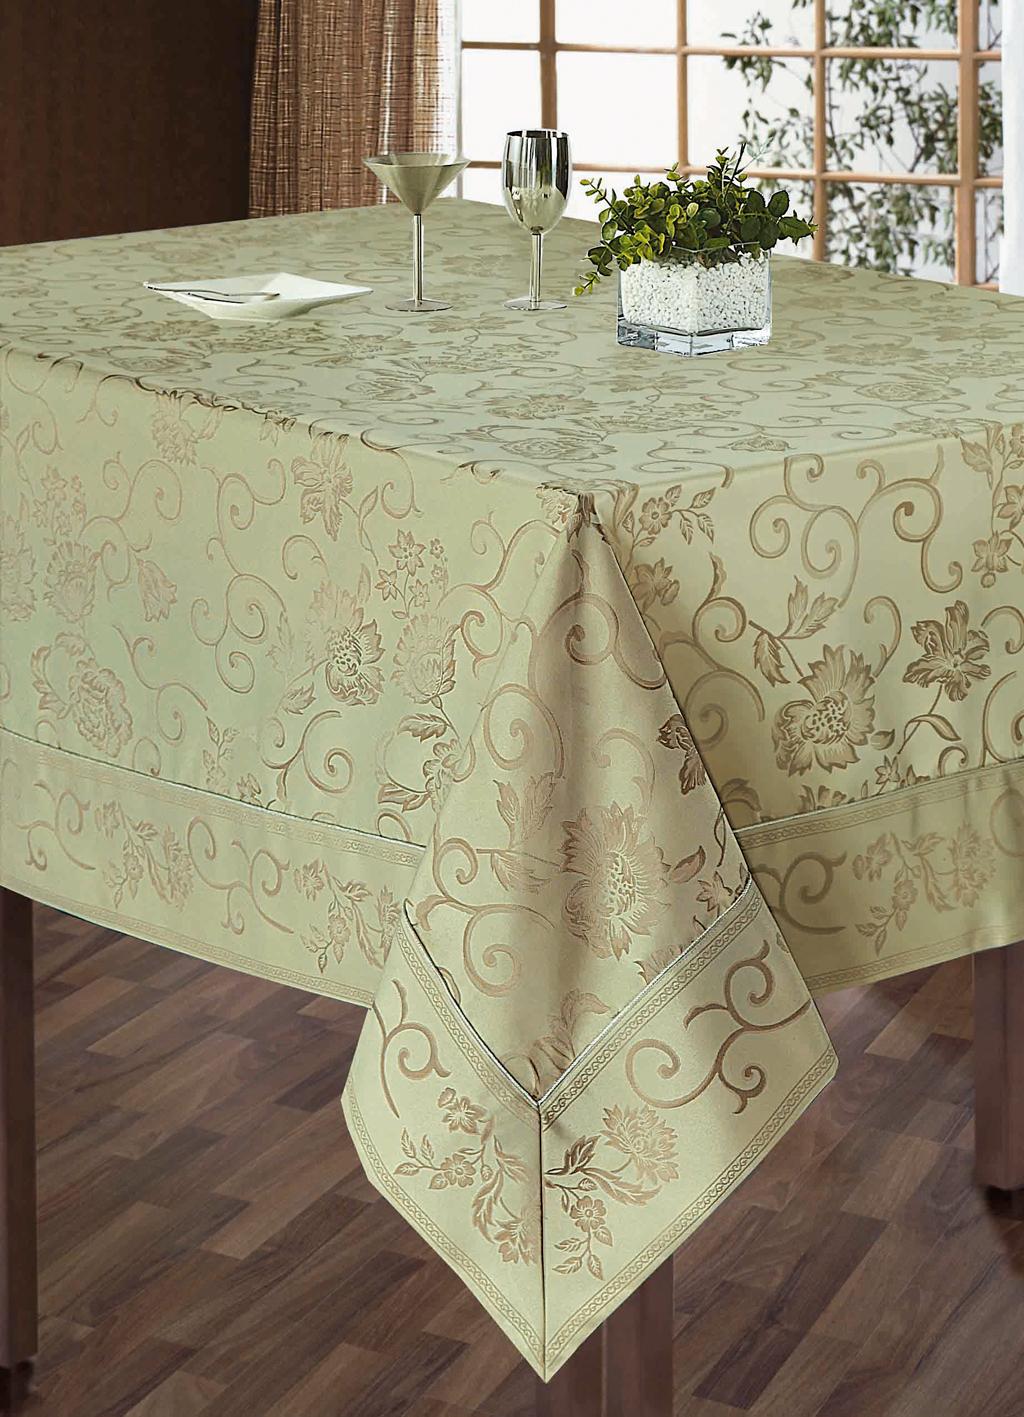 Комплект столового белья SL, цвет: бежевый, 5 предметов. 1011110111Роскошный комплект столового белья SL состоит из скатерти прямоугольной формы и 4 квадратных салфеток. Комплект выполнен из жаккарда с изящным цветочным рисунком. Комплект, несомненно, придаст интерьеру уют и внесет что-то новое. Использование такого комплекта сделает застолье более торжественным, поднимет настроение гостей и приятно удивит их вашим изысканным вкусом. Вы можете использовать этот комплект для повседневной трапезы, превратив каждый прием пищи в волшебный праздник и веселье. Жаккард - это гладкая, безворсовая ткань сложного плетения, в состав которой входят как синтетические, так и органические волокна. У белья из жаккардовой ткани гладкая и приятная на ощупь фактура. Его контурный рисунок, созданный благодаря особому плетению, выглядит дорого и изящно. Здесь воссоединились блеск шелка и уютная мягкость хлопка. Жаккардовые ткани очень прочны и долговечны, очень удобны в эксплуатации. Комплект упакован в красивую подарочную коробку. ...